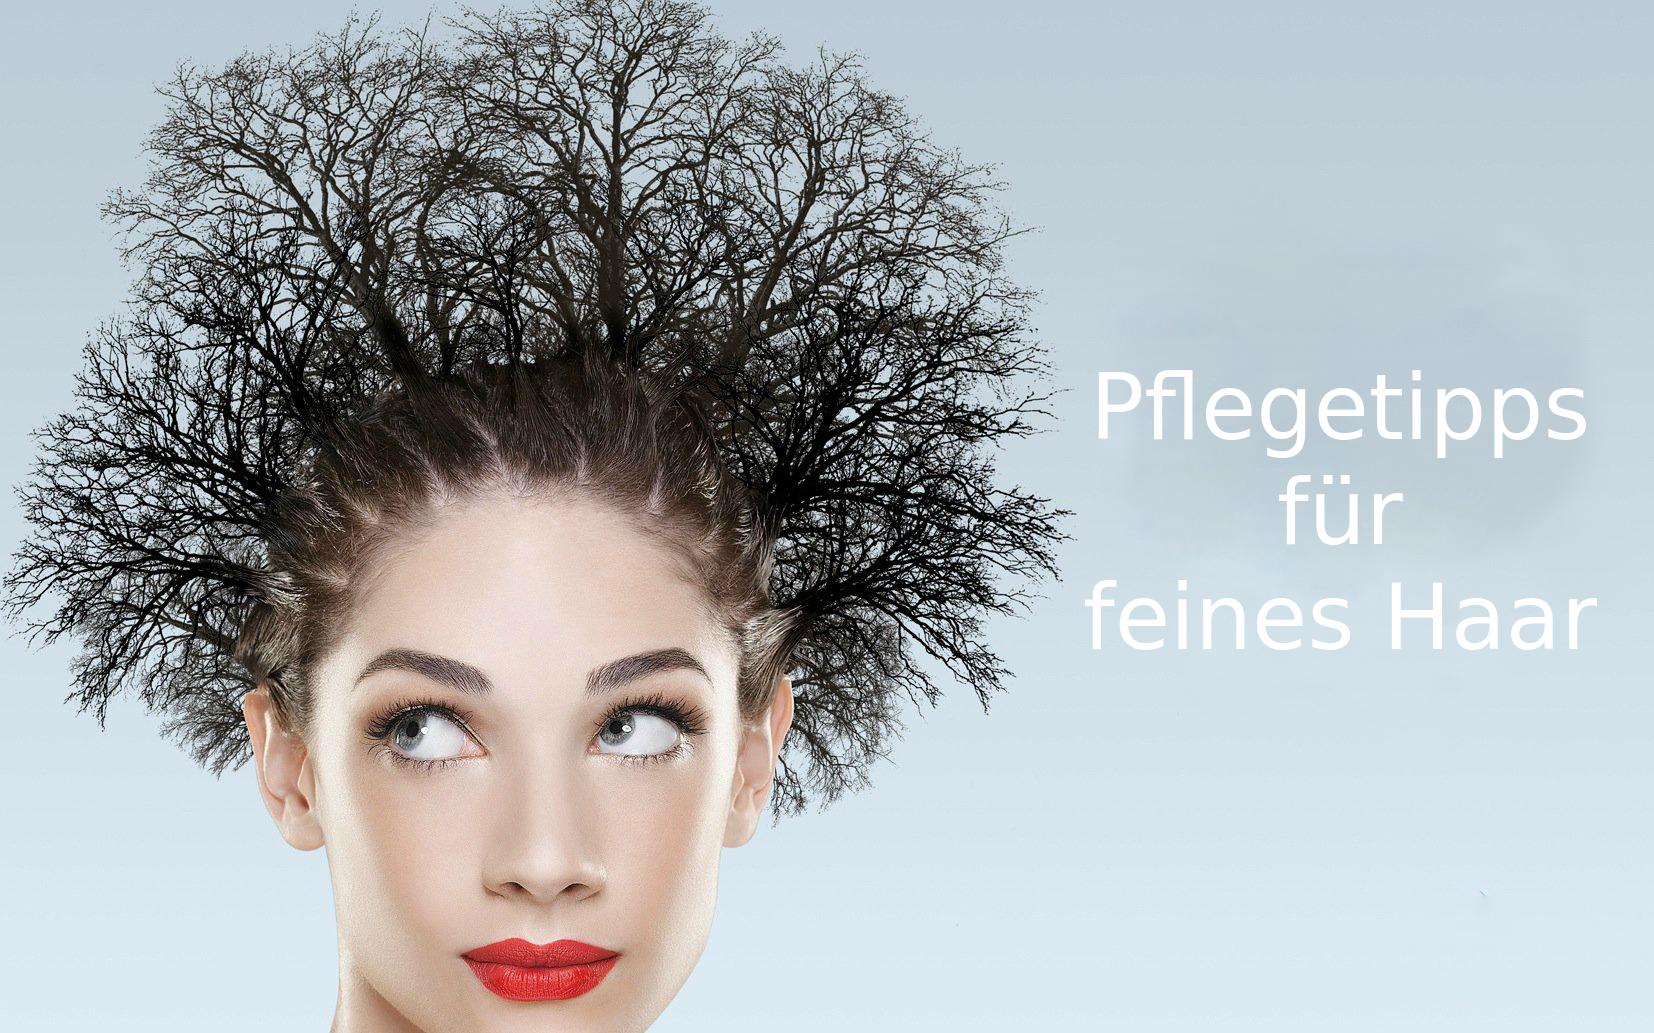 Pflegen Sie Ihr schwarzes dünnes Haar richtig mit unseren 3 Tipps